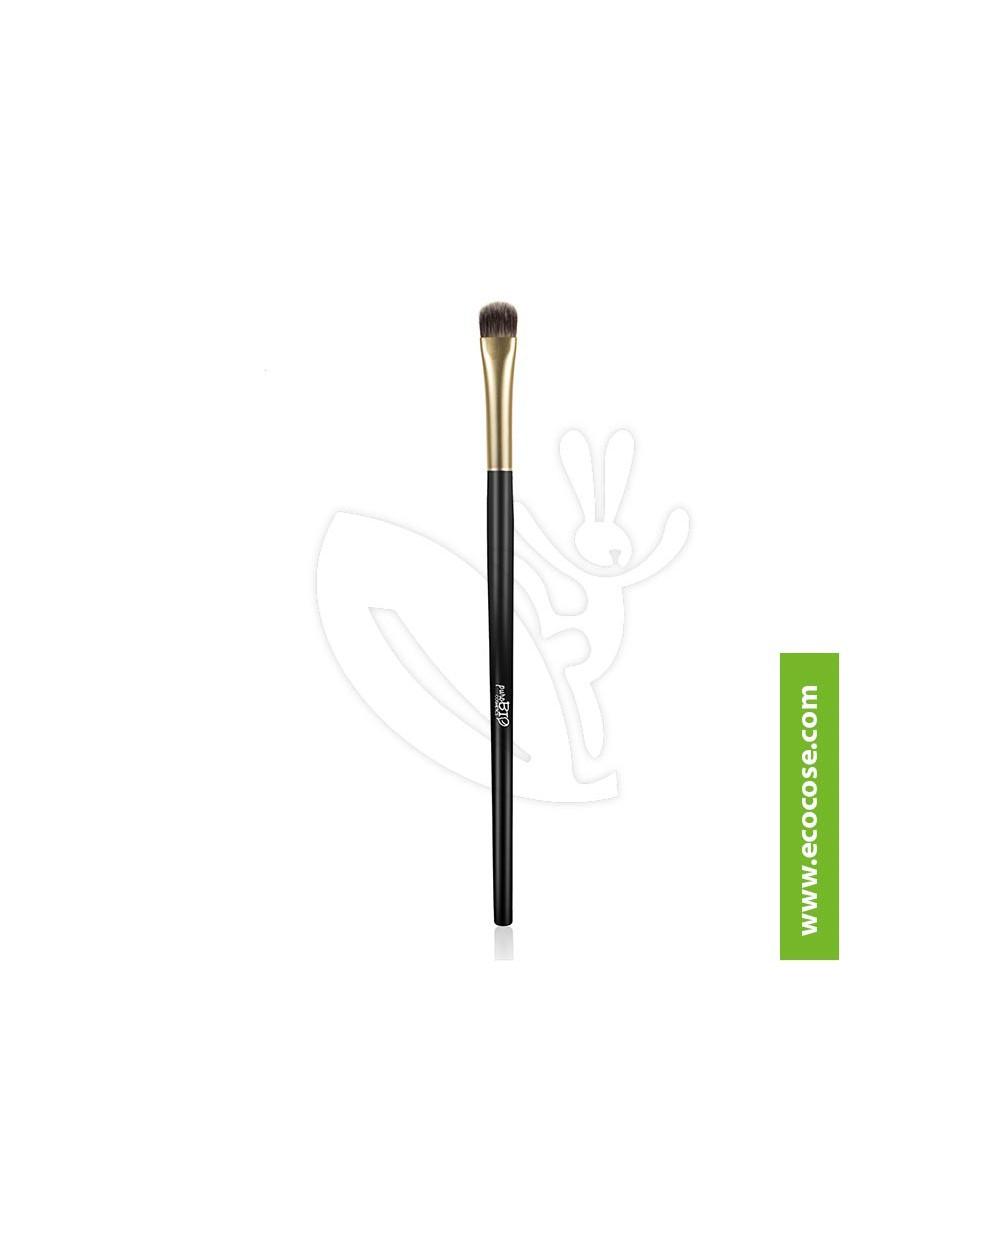 PuroBIO Cosmetics - Pennello 04 Ombretti, correttori in crema